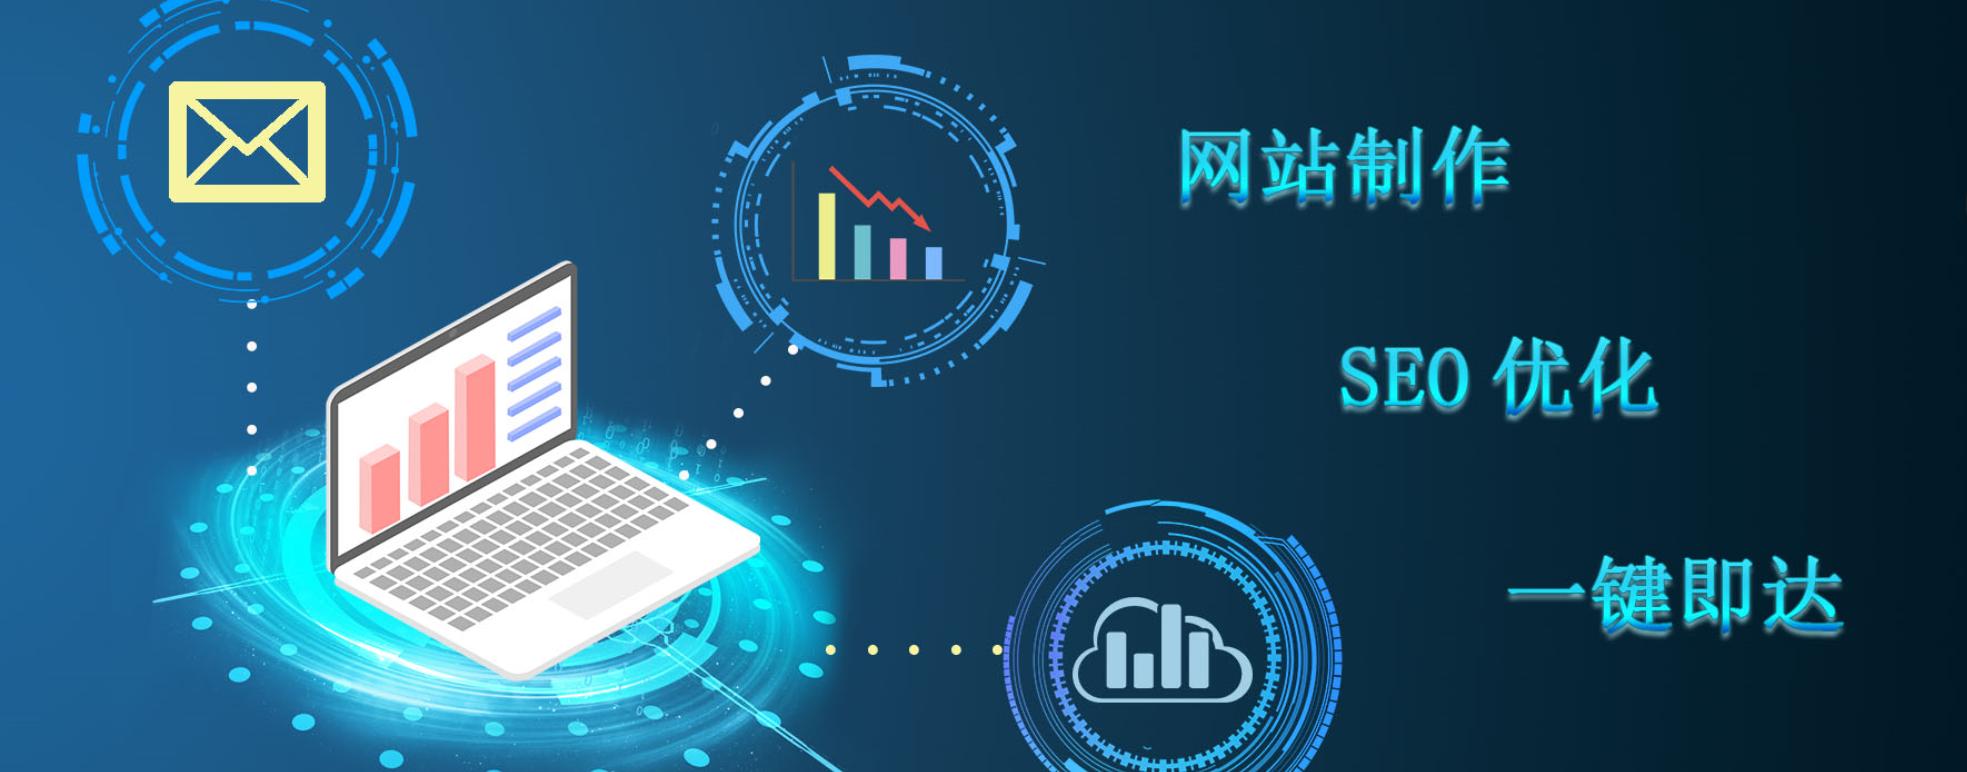 广西网站推广南宁网站建设价格_网站建设 制作相关